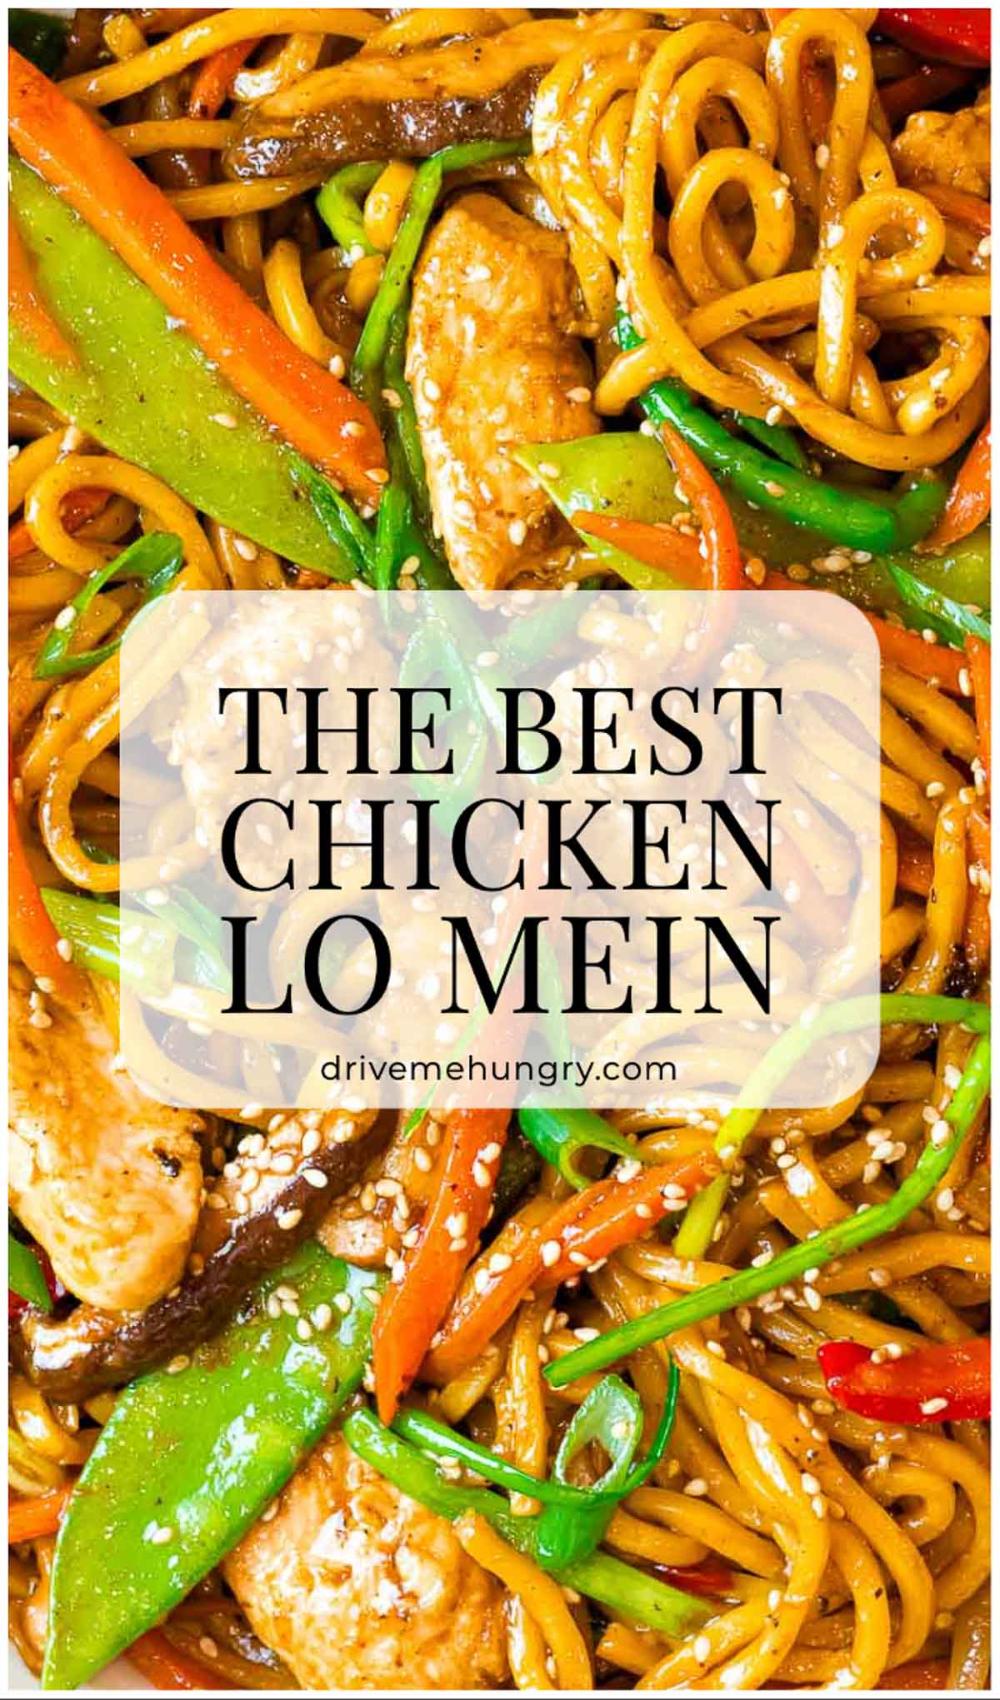 The Best Chicken Lo Mein